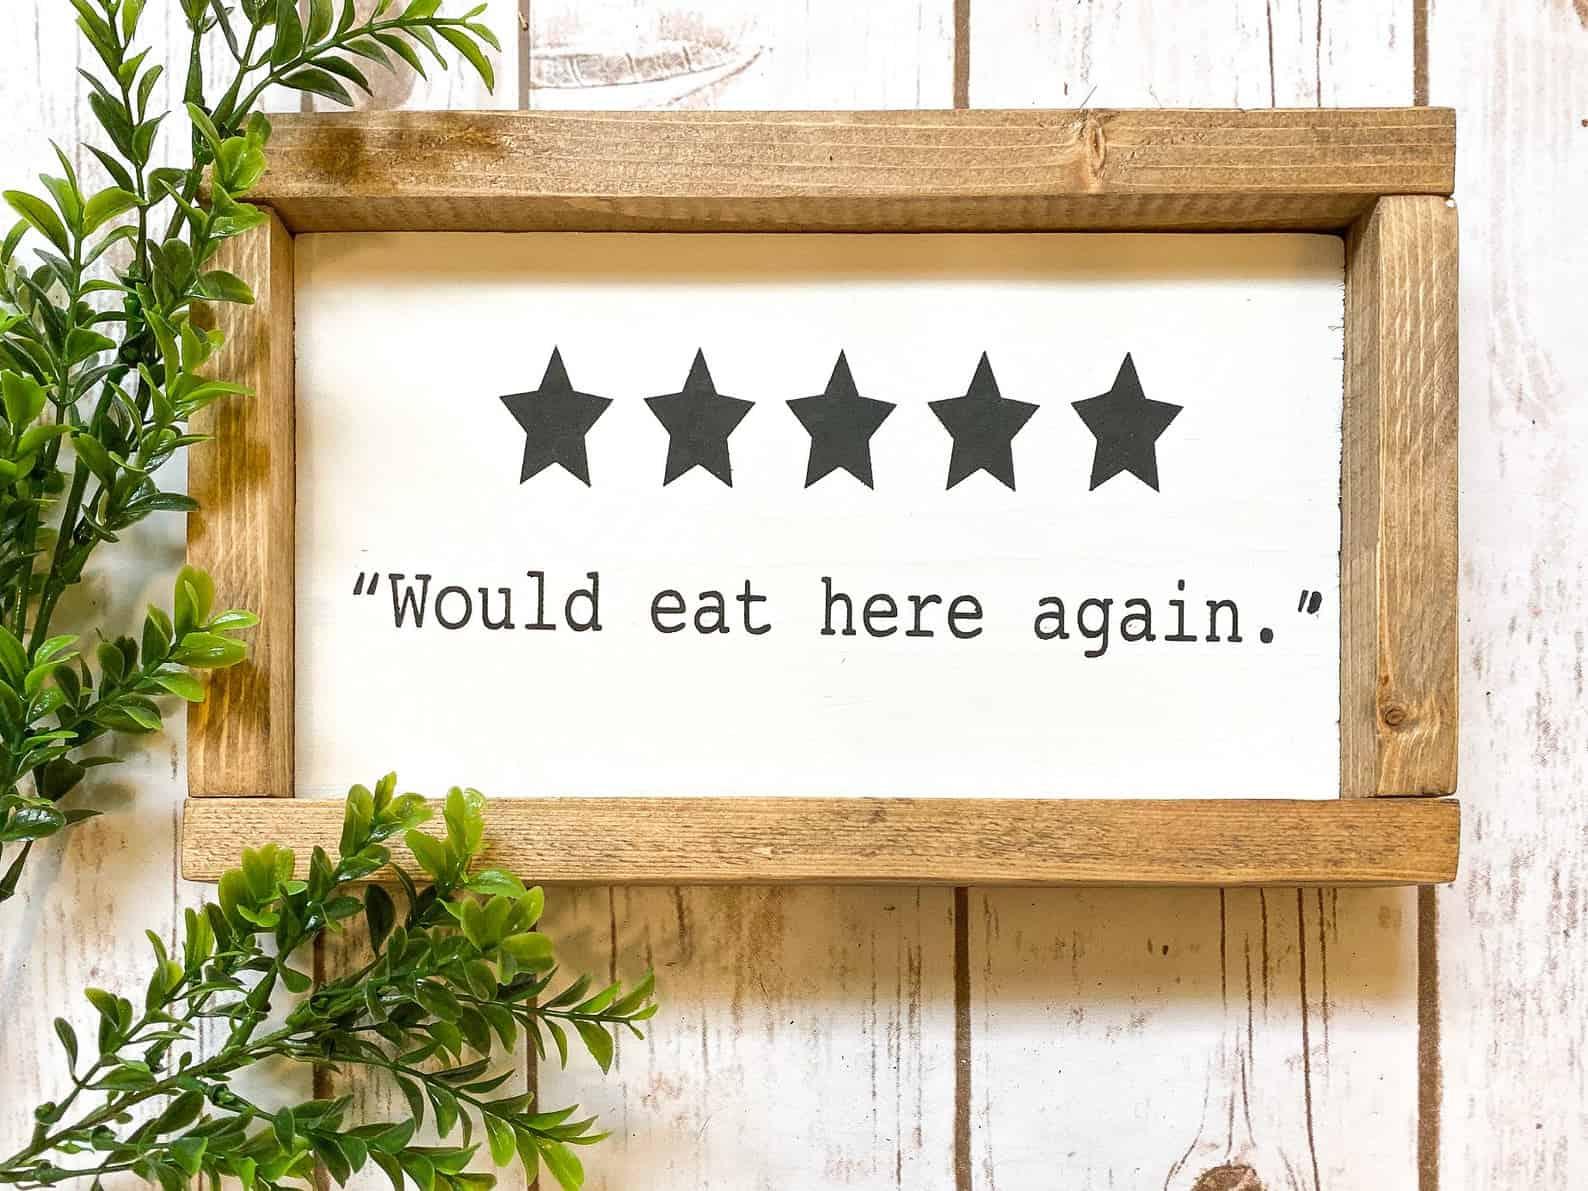 Je mangerais ici encore un décor